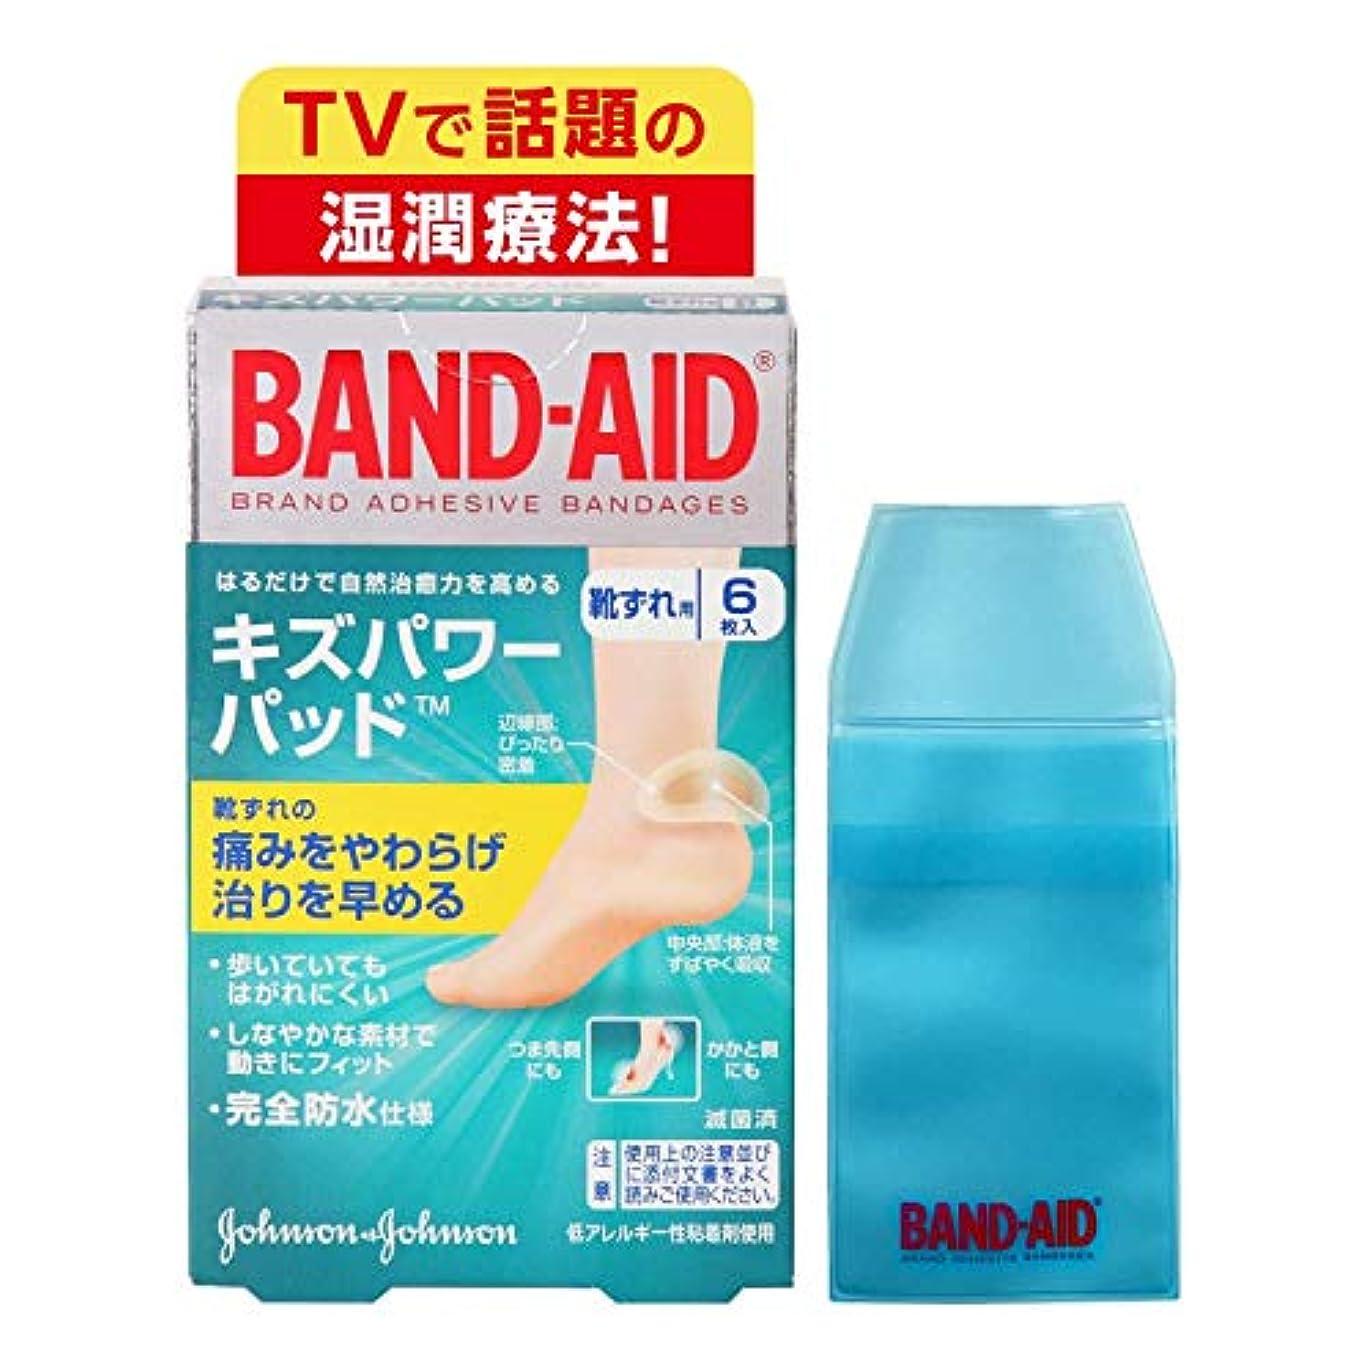 適切なフローティング運動する【Amazon.co.jp限定】BAND-AID(バンドエイド) キズパワーパッド 靴ずれ用 6枚+ケース付 絆創膏